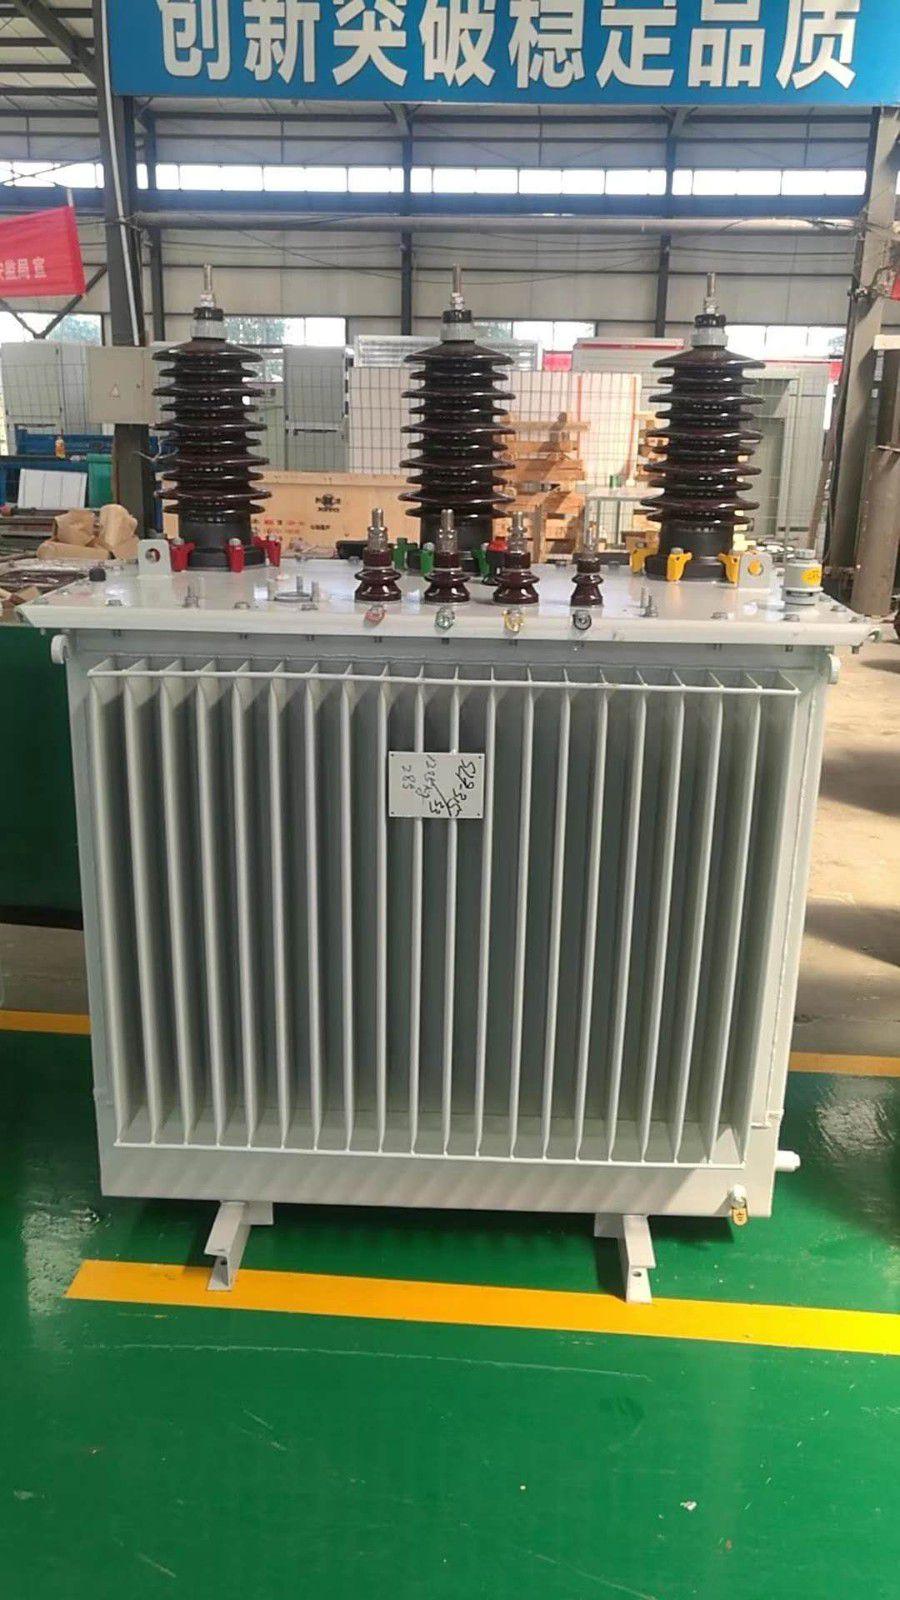 上海逆变变压器行业战略机遇